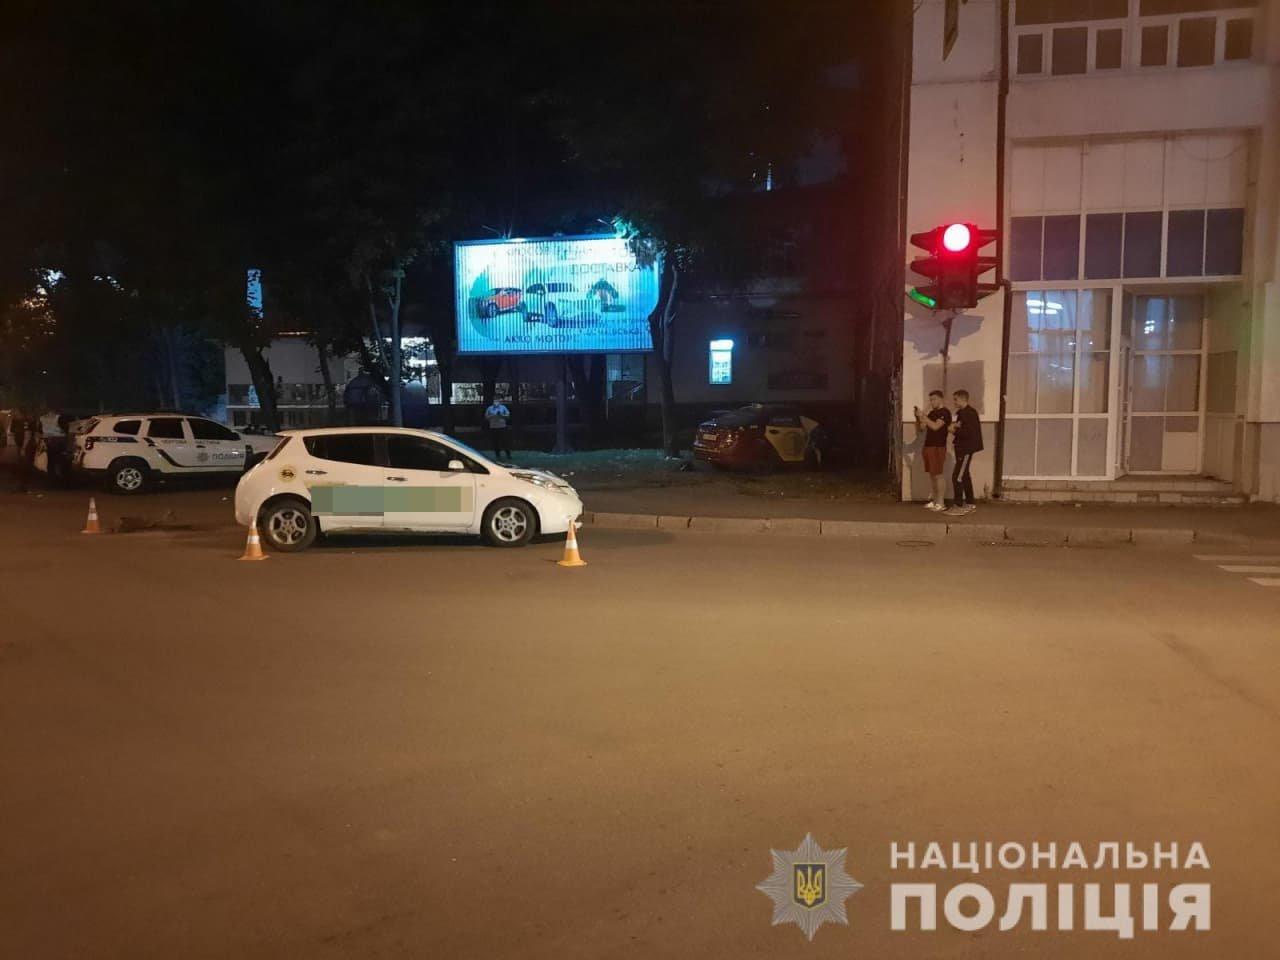 На перекрестке в Харькове столкнулись два такси: одна из машин въехала в дом, пострадали женщина и 3-летний ребенок, - ФОТО, фото-3